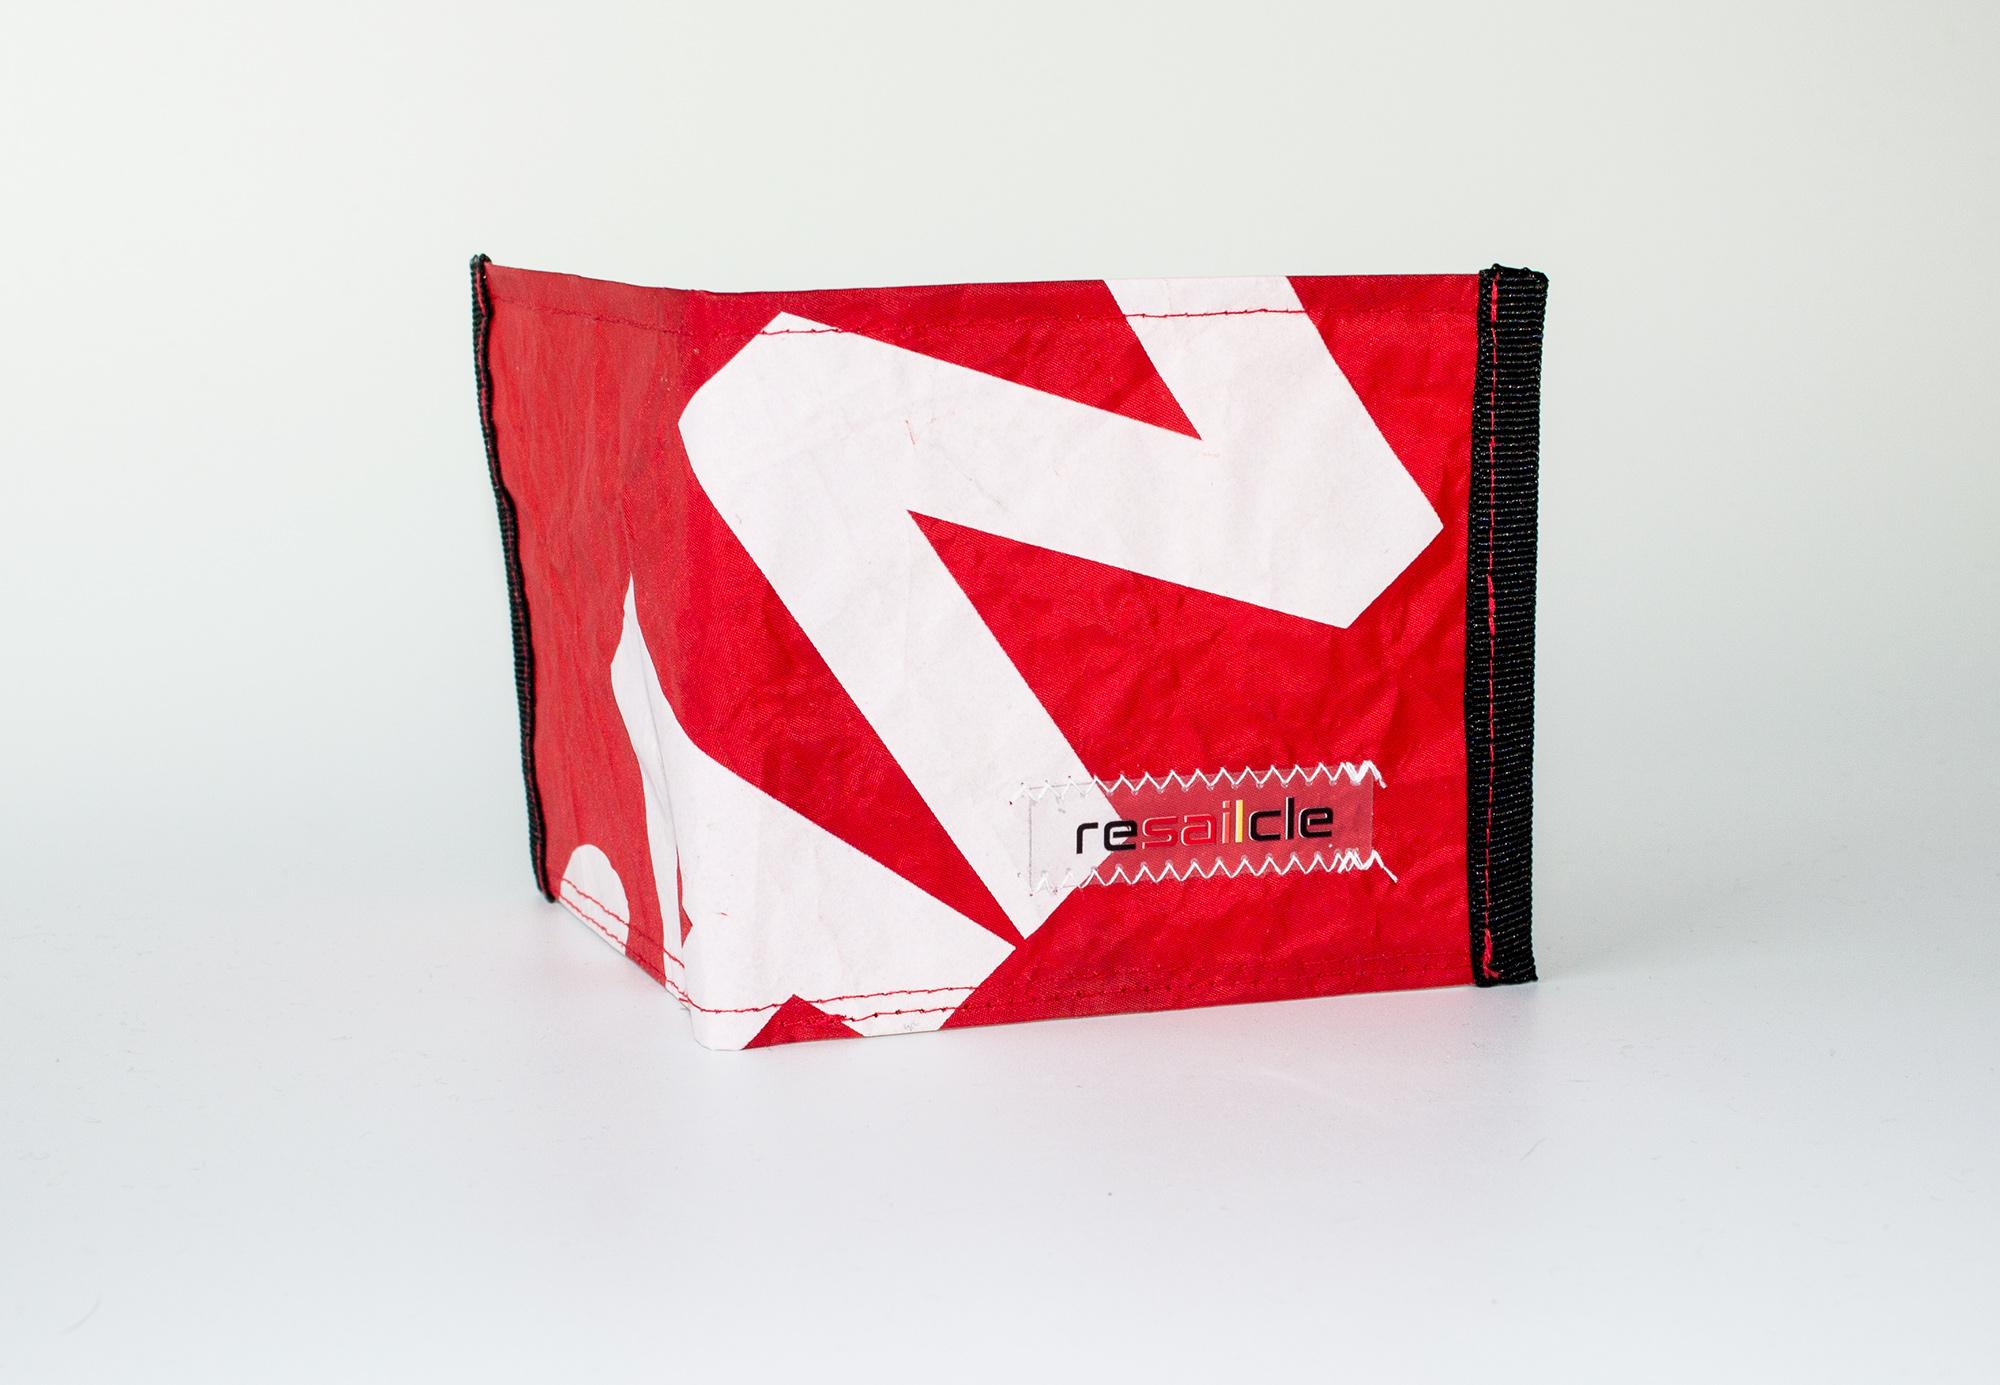 ReSailCle - Hagan - RRD pénztárca